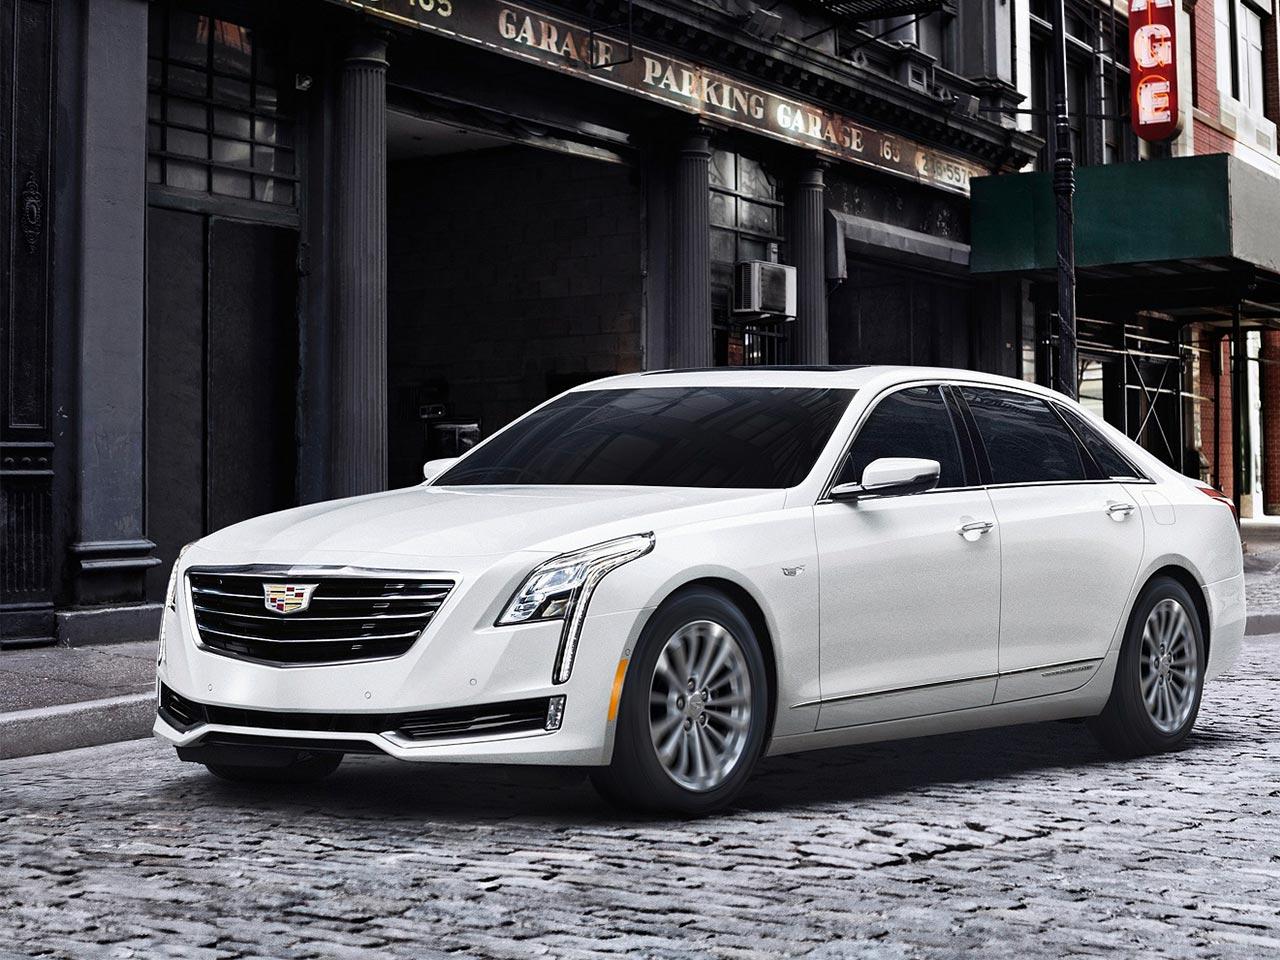 2017 Cadillac CT6 Plug-In Hybrid | Cadillac